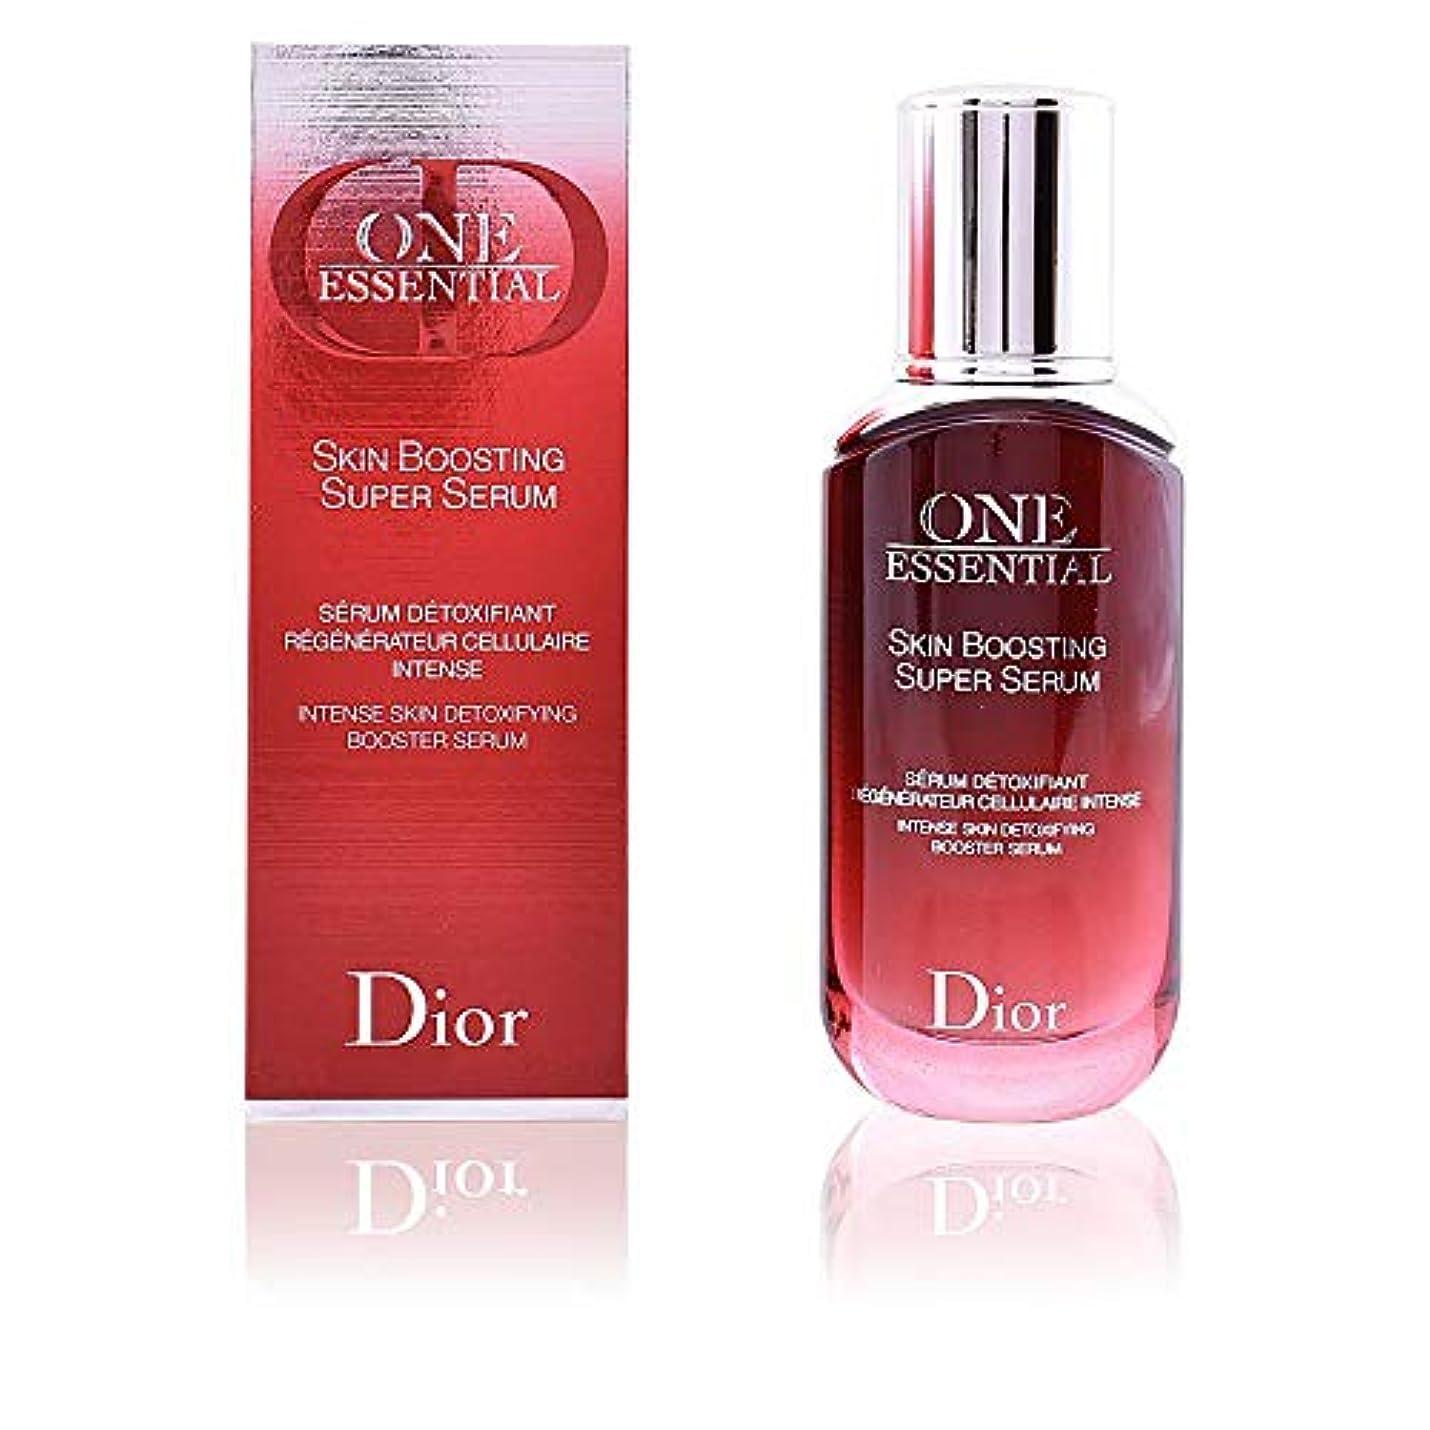 高価なハリケーンロールクリスチャンディオール One Essential Skin Boosting Super Serum 50ml/1.7oz並行輸入品